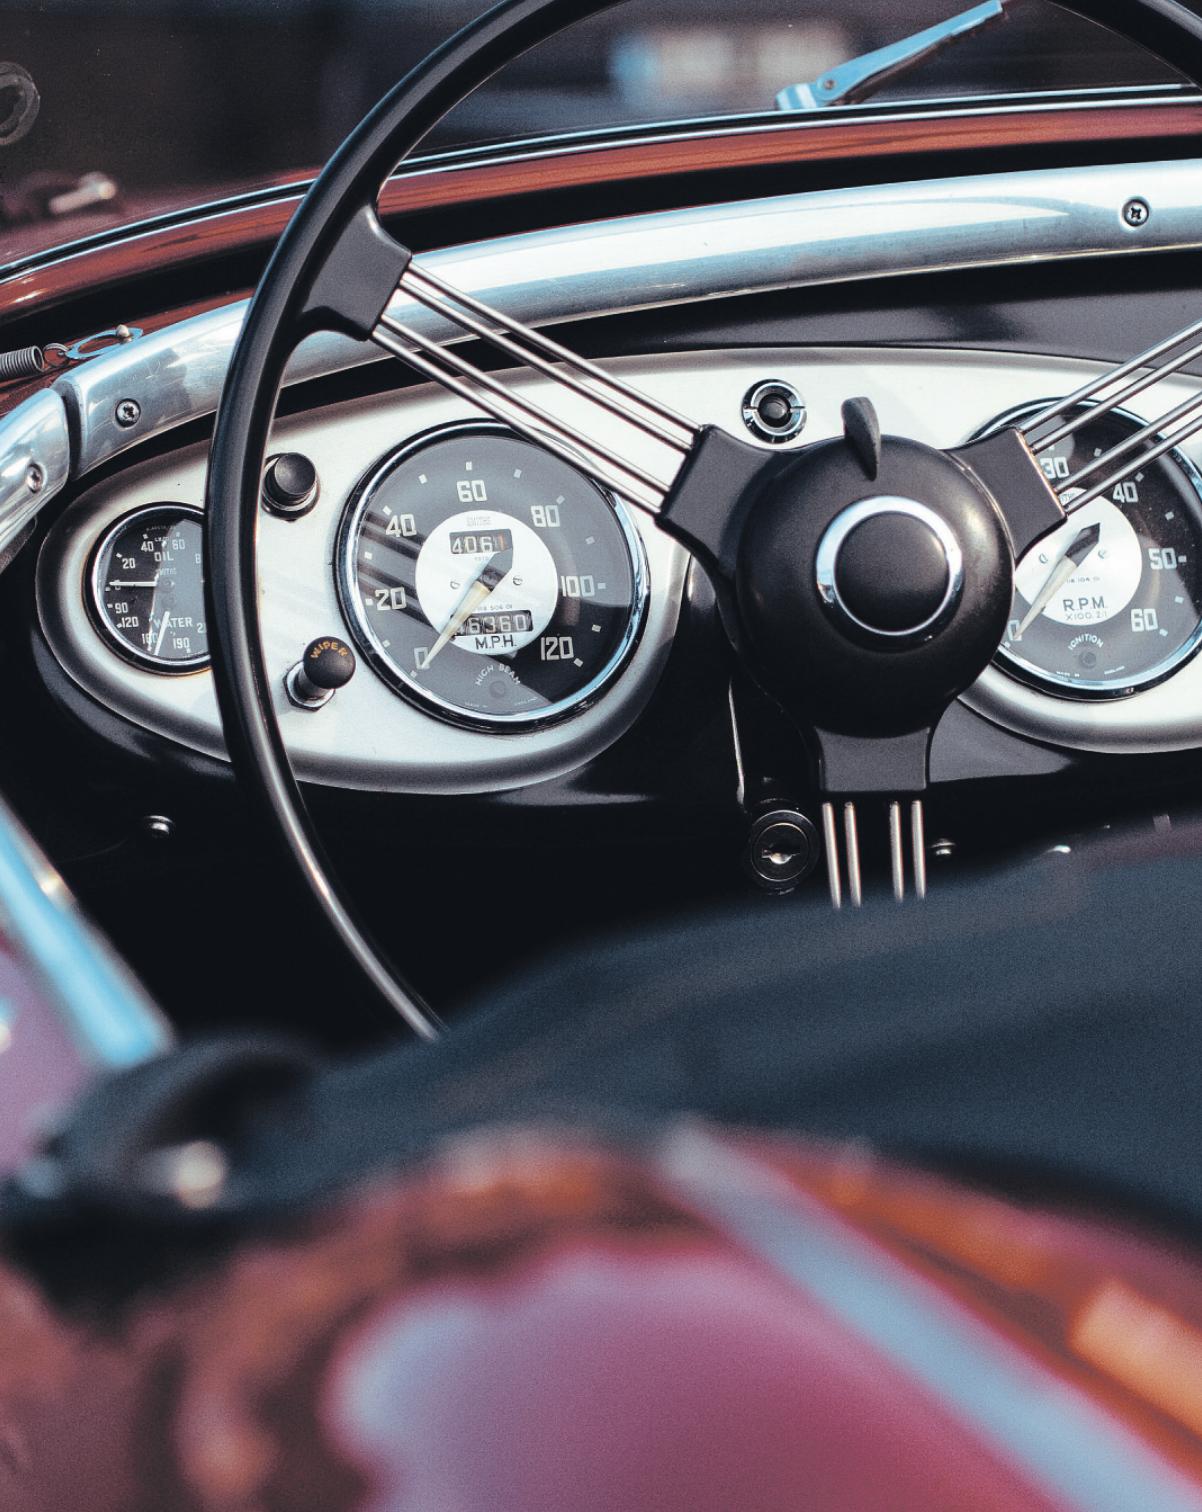 Die Automobil-Klassiker vergangener Jahrzehnte mit ihren liebevoll gestalteten Armaturen faszinieren immer wieder ihre Bewunderer Foto: Pixabay